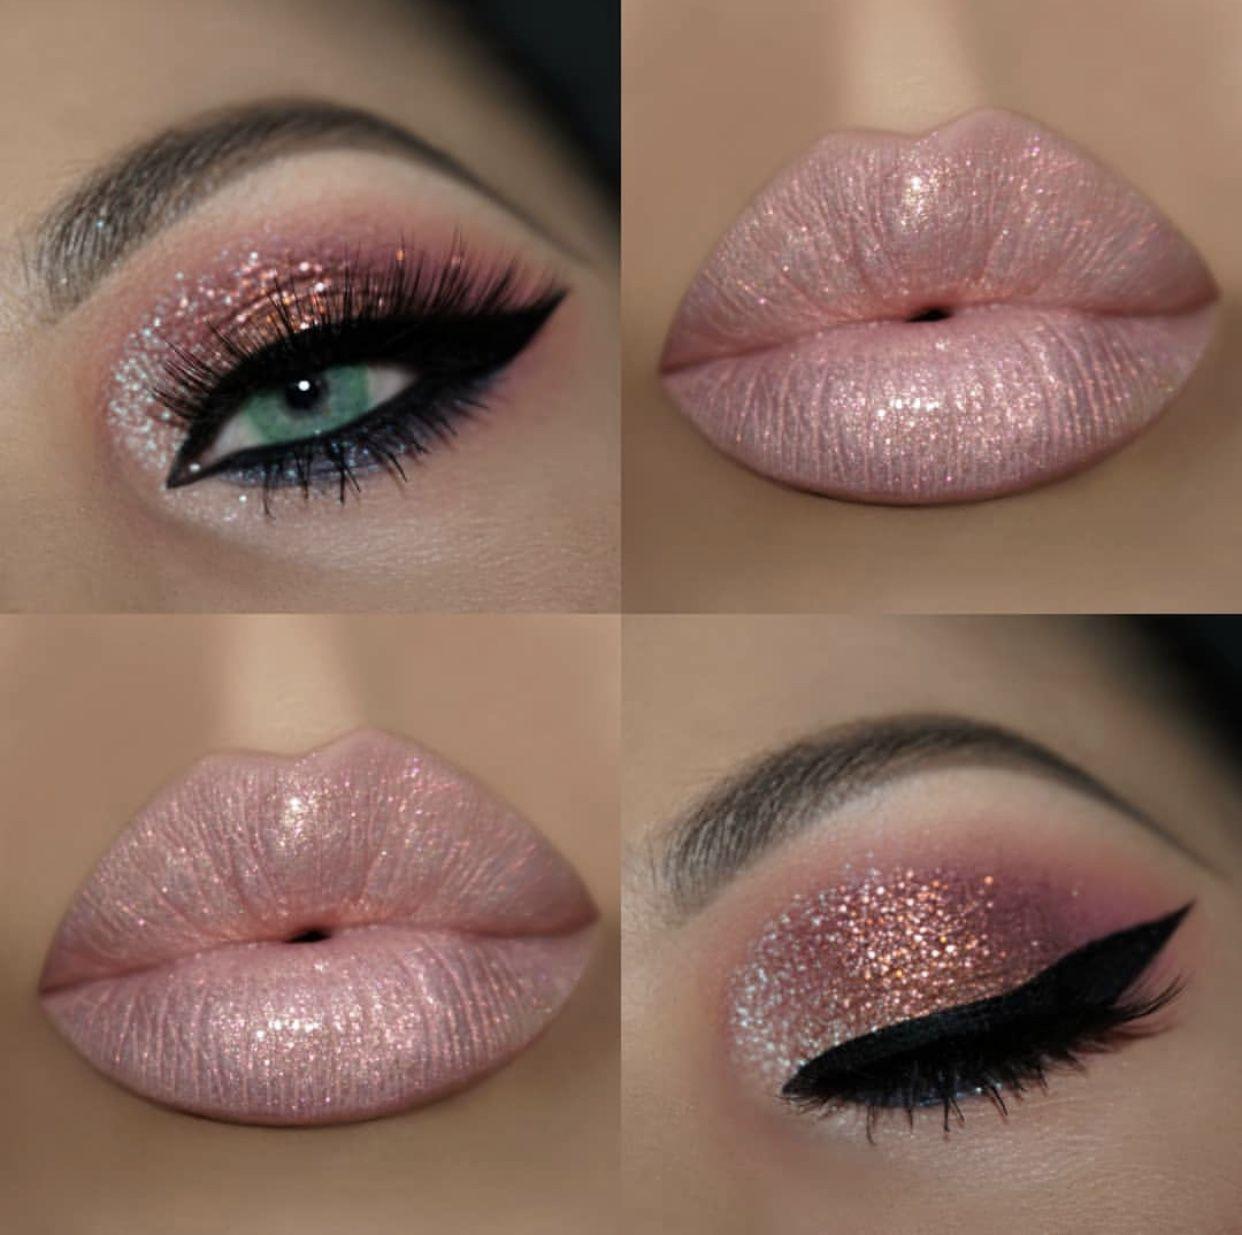 вечерний макияж губ пошаговое фото этот райский уголок